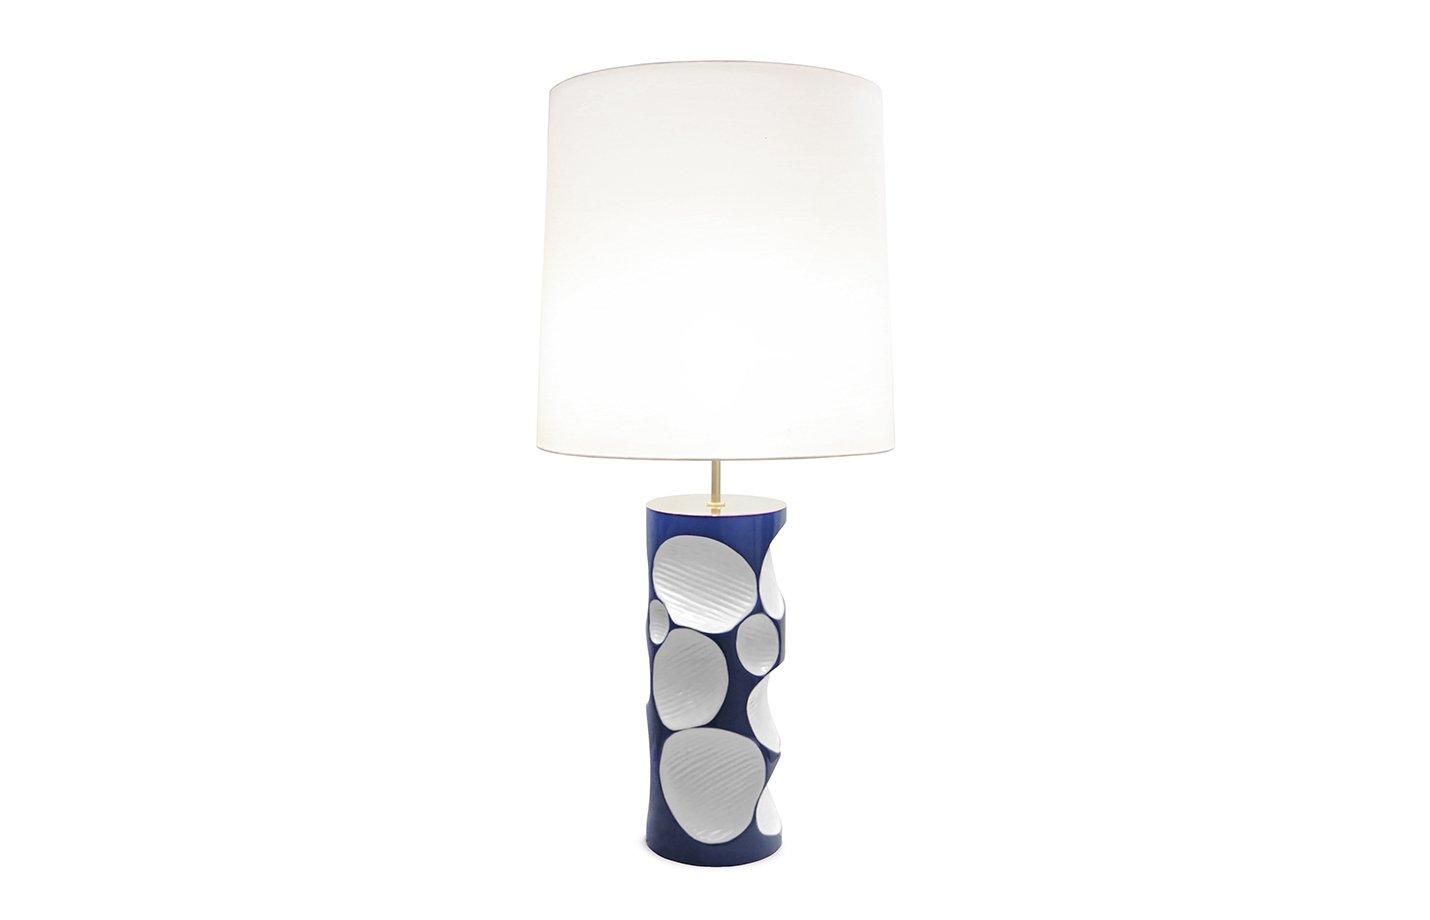 Amik table light